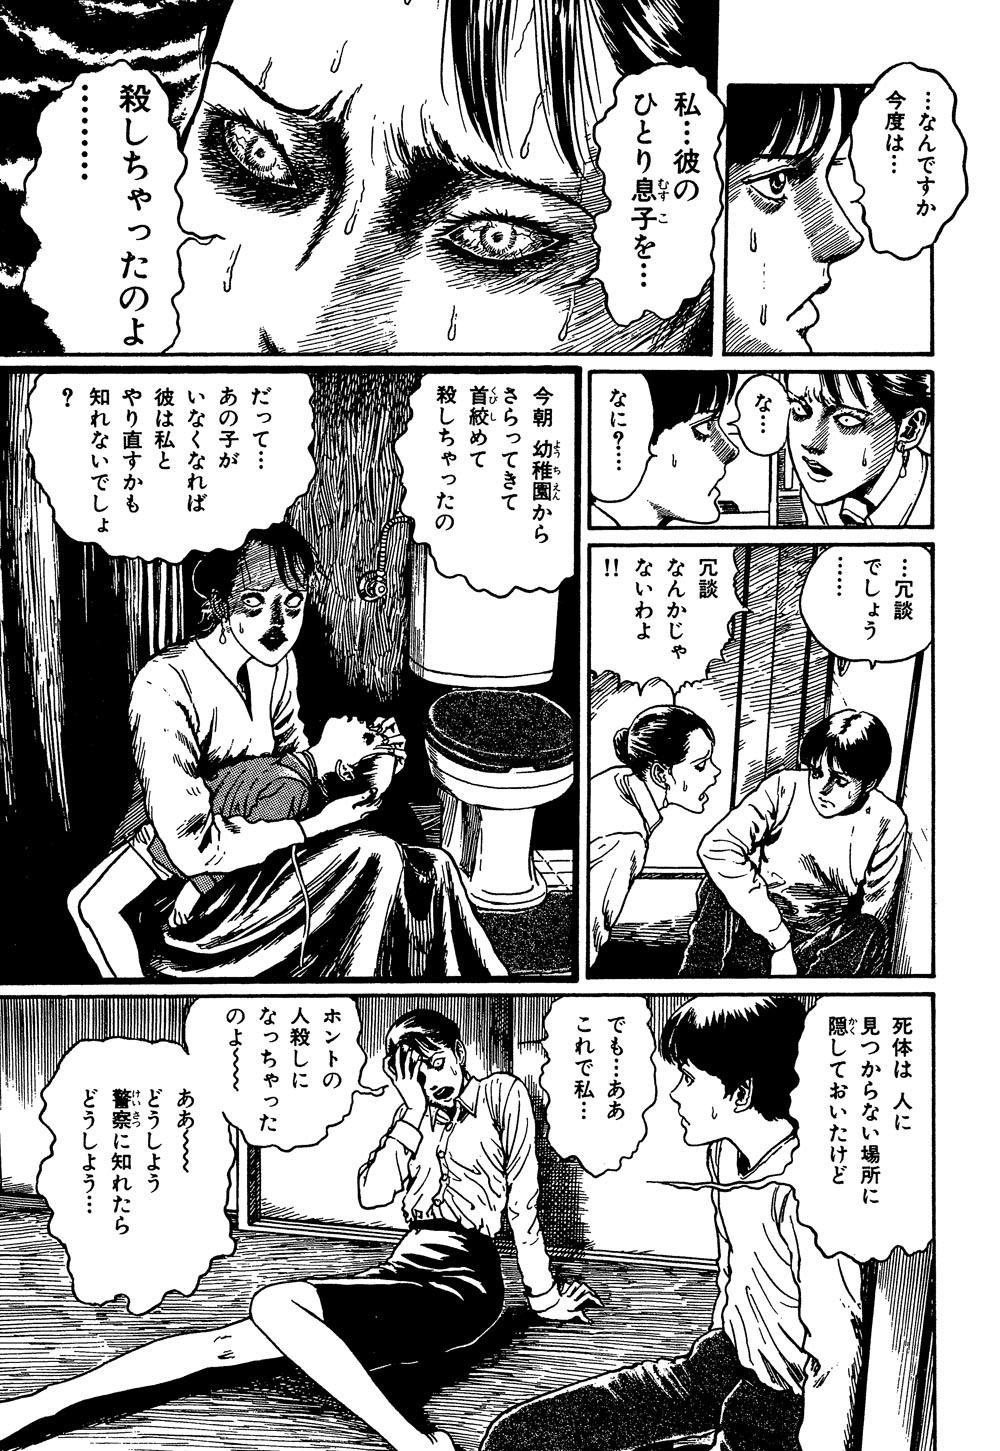 itouj_0004_0097.jpg